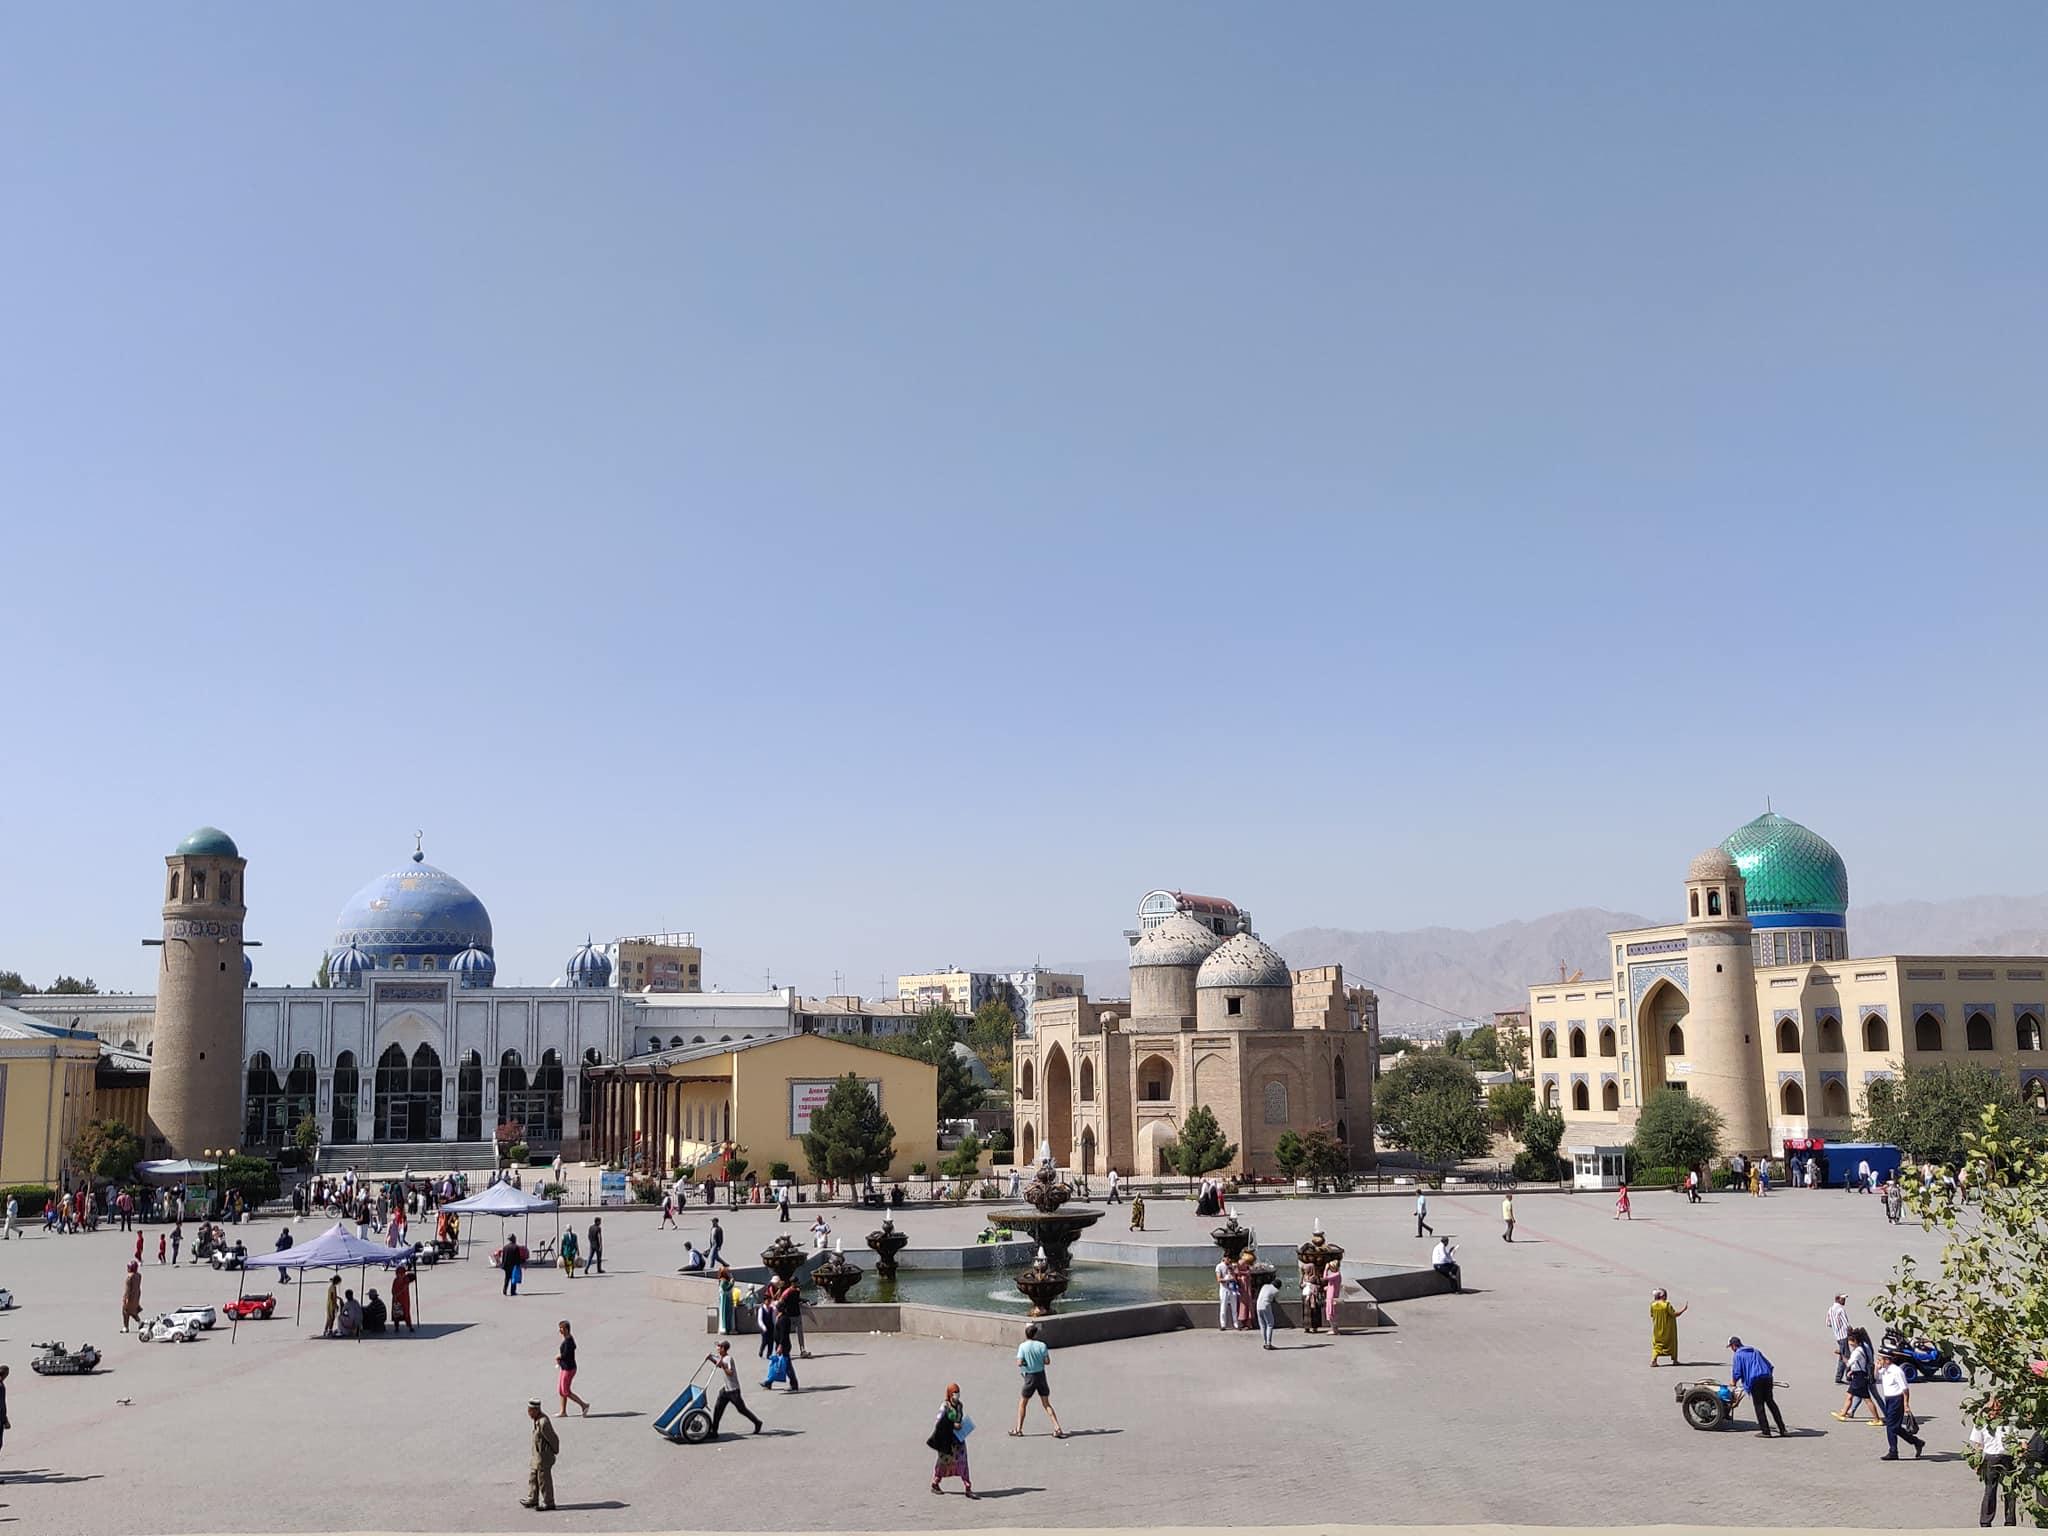 La piazza di Khujand dirimpetto al Bazaar: a destra la madrassa antica (ora chiusa) e la nuova biblioteca coranica (con la cupola turchese sgargiante)